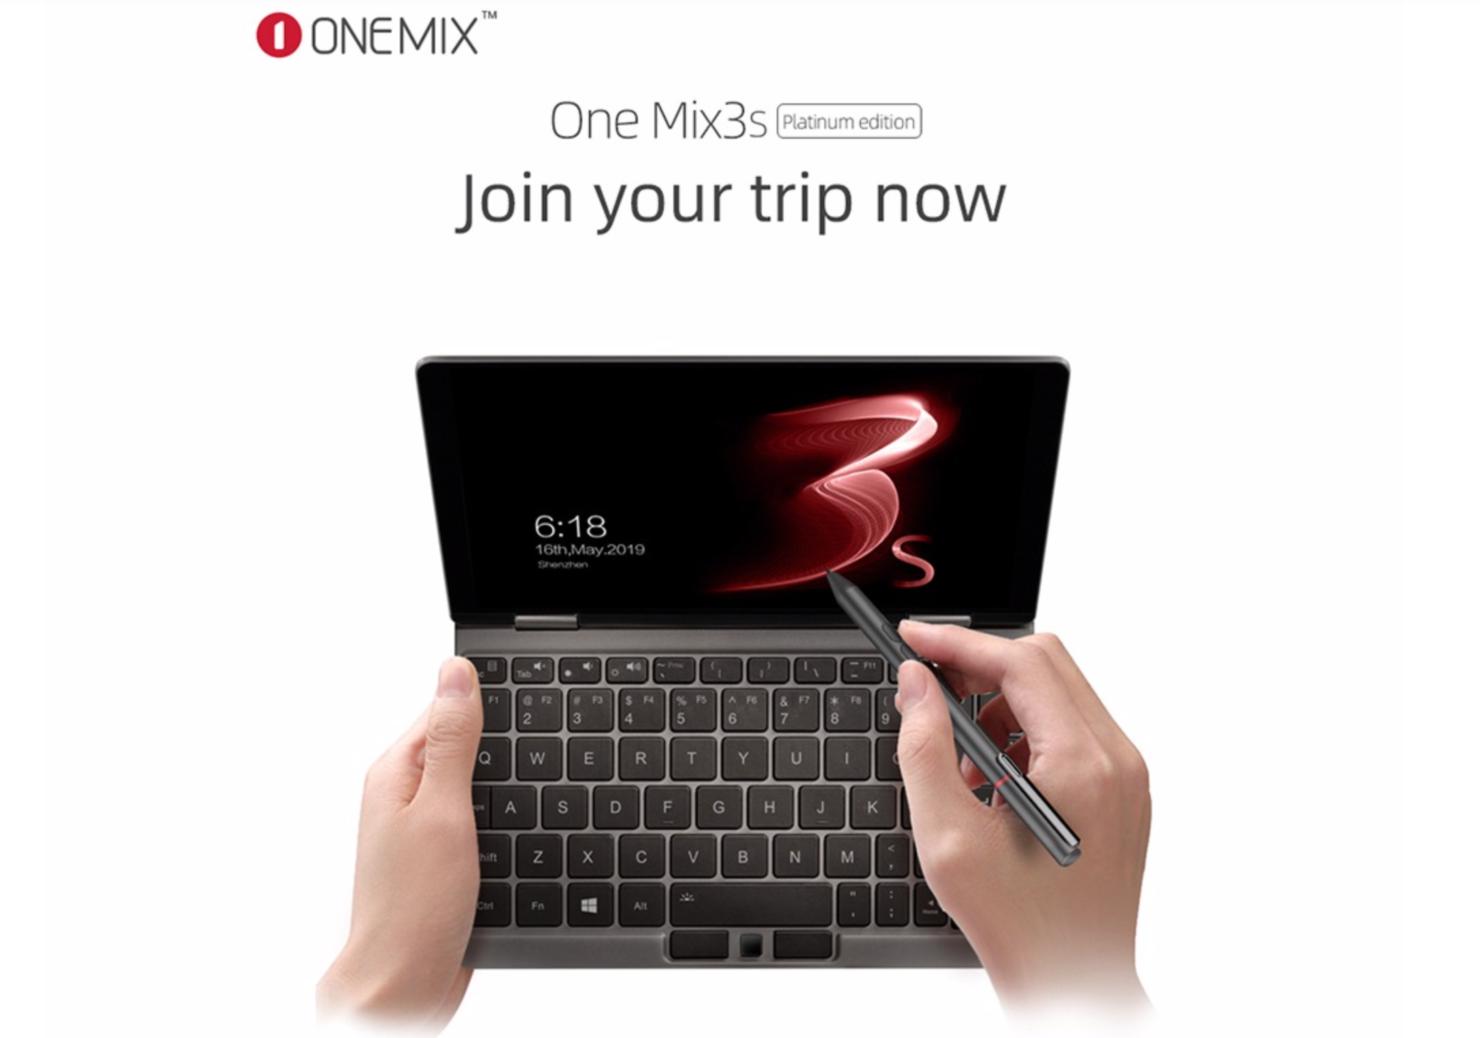 windows 10 OneMix 3S Platinum Edition